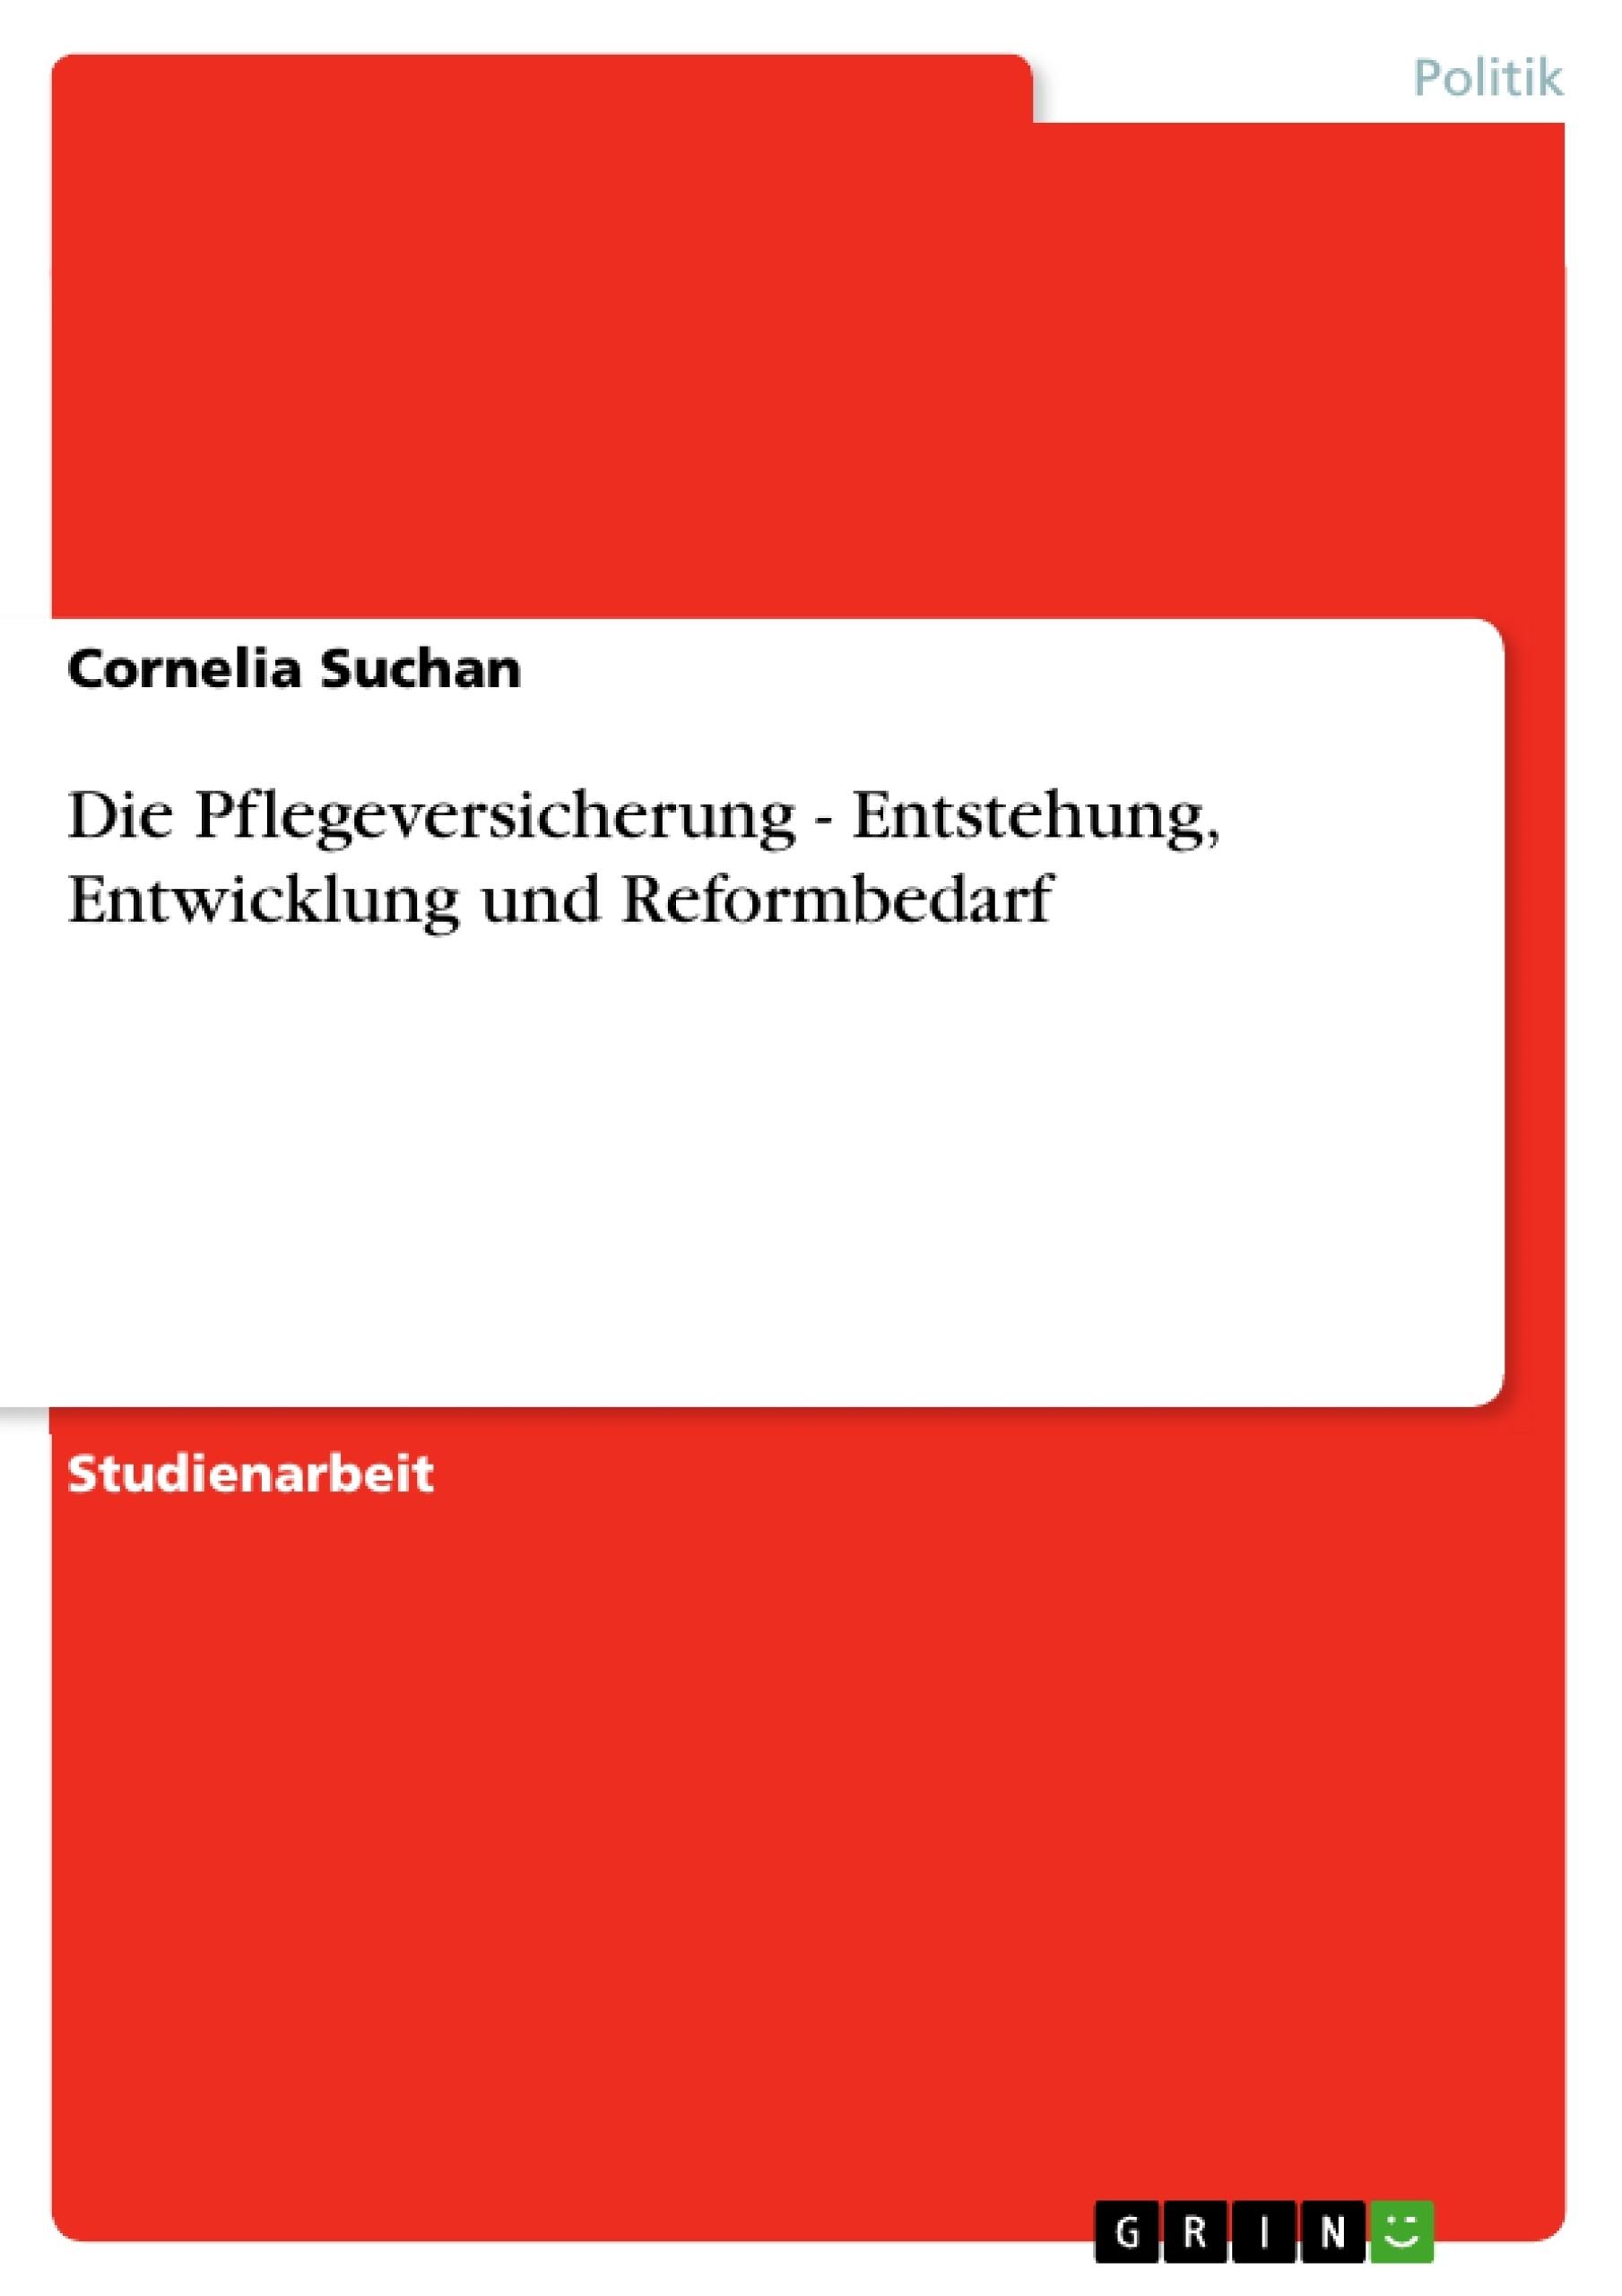 Titel: Die Pflegeversicherung - Entstehung, Entwicklung und Reformbedarf